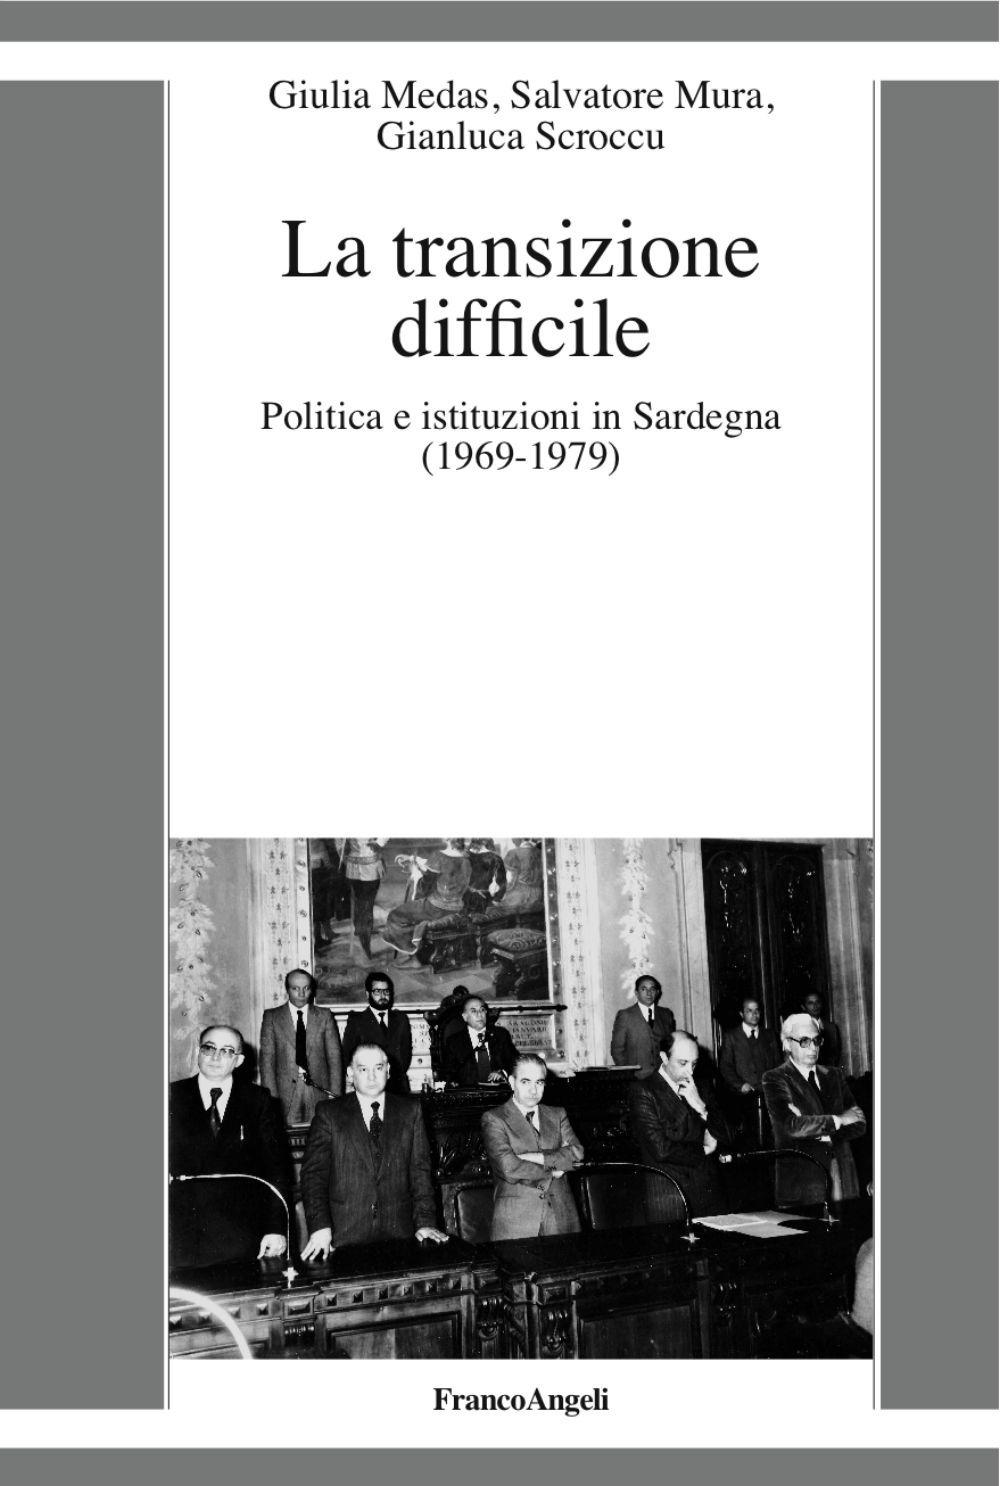 La transizione difficile. Politica e istituzioni in Sardegna (1969-1979)